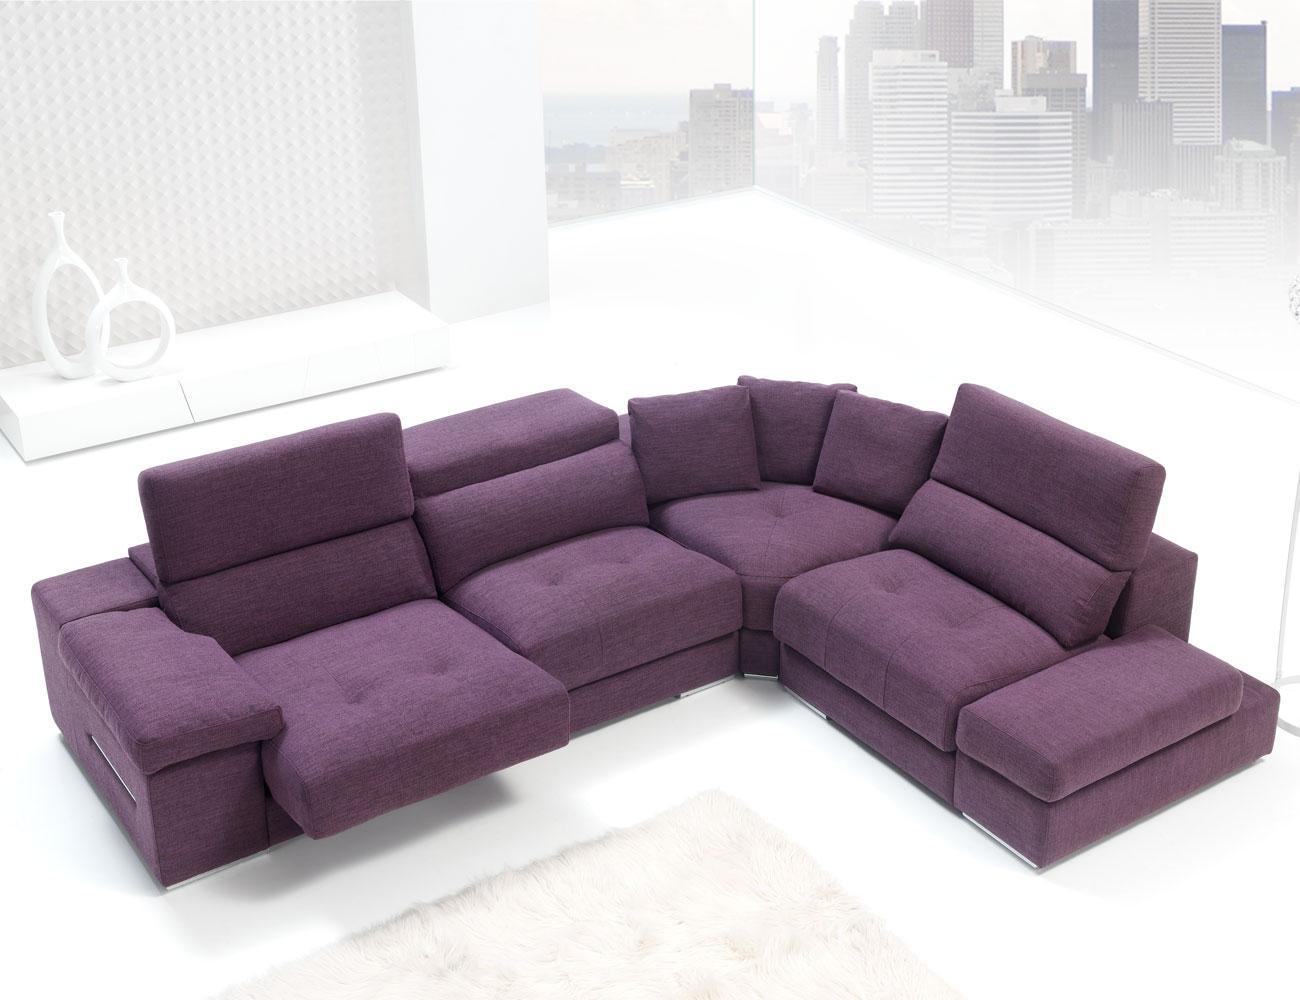 Sofa chaiselongue rincon con brazo mecanico tejido anti manchas 254